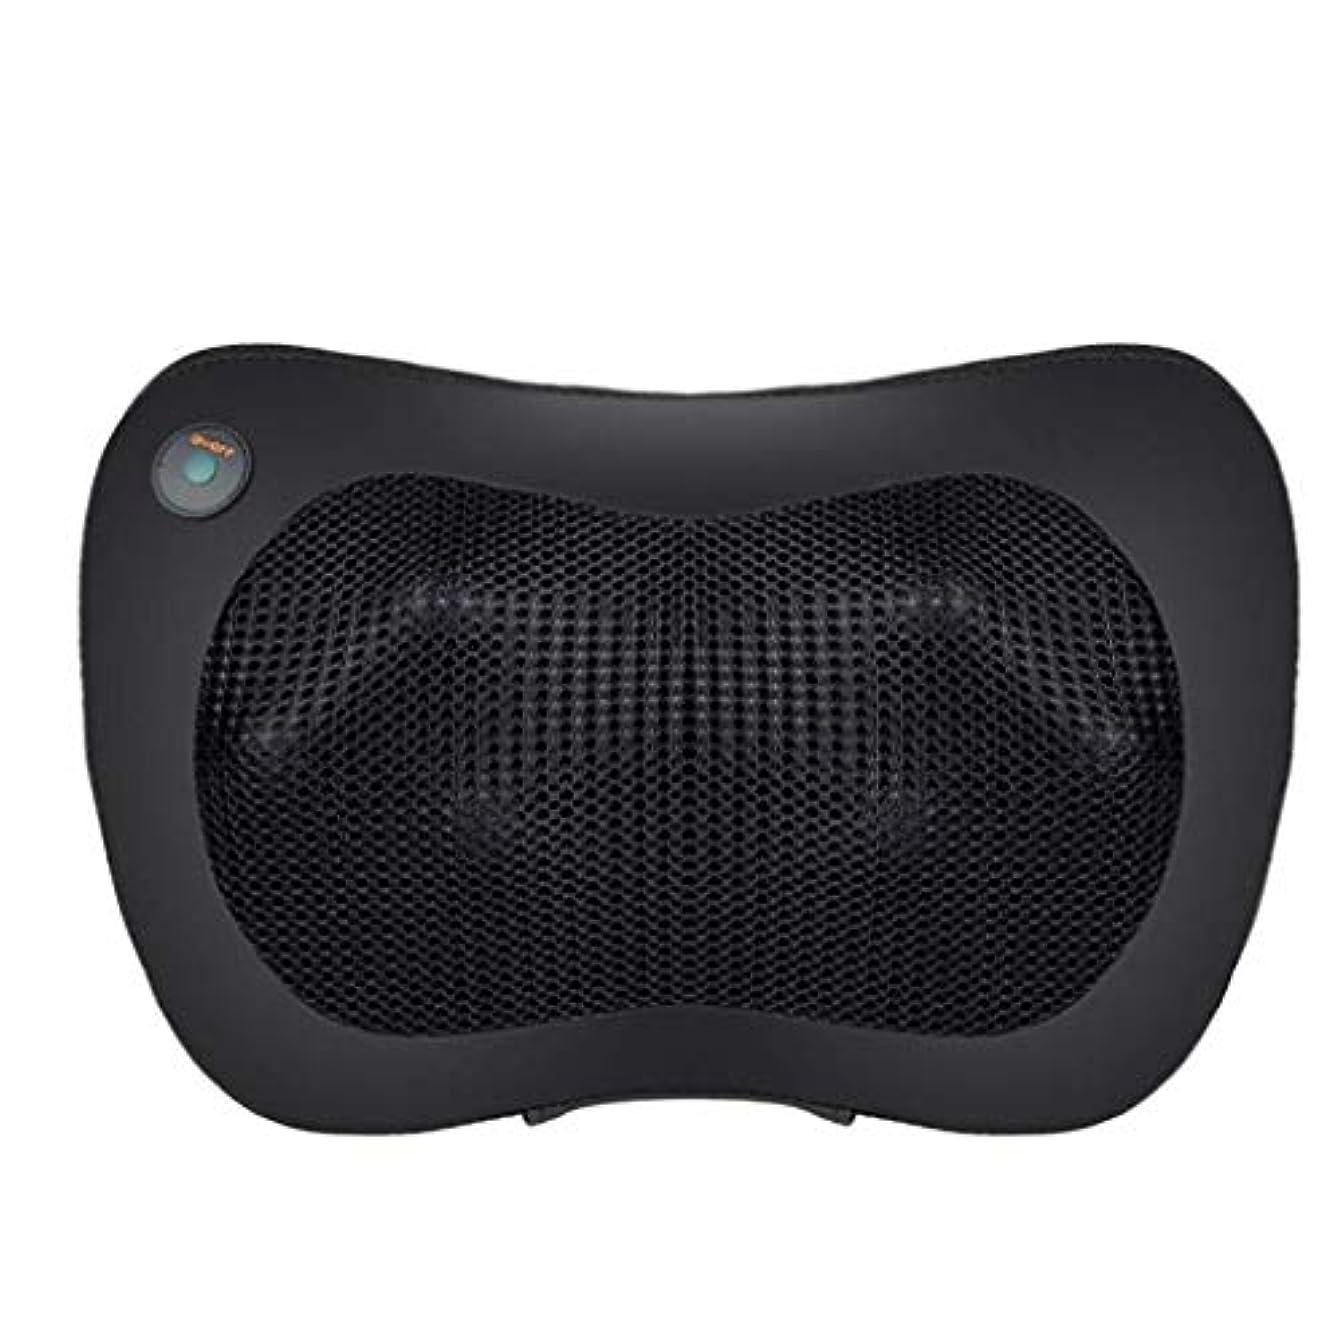 軌道レディ目覚める3Dネックマッサージャー、フィンガープレスネックマッサージピロー、多機能マッサージモード、スマートワンボタン、20強度、15分のタイミング、ホームオフィス用 (Color : 黒)